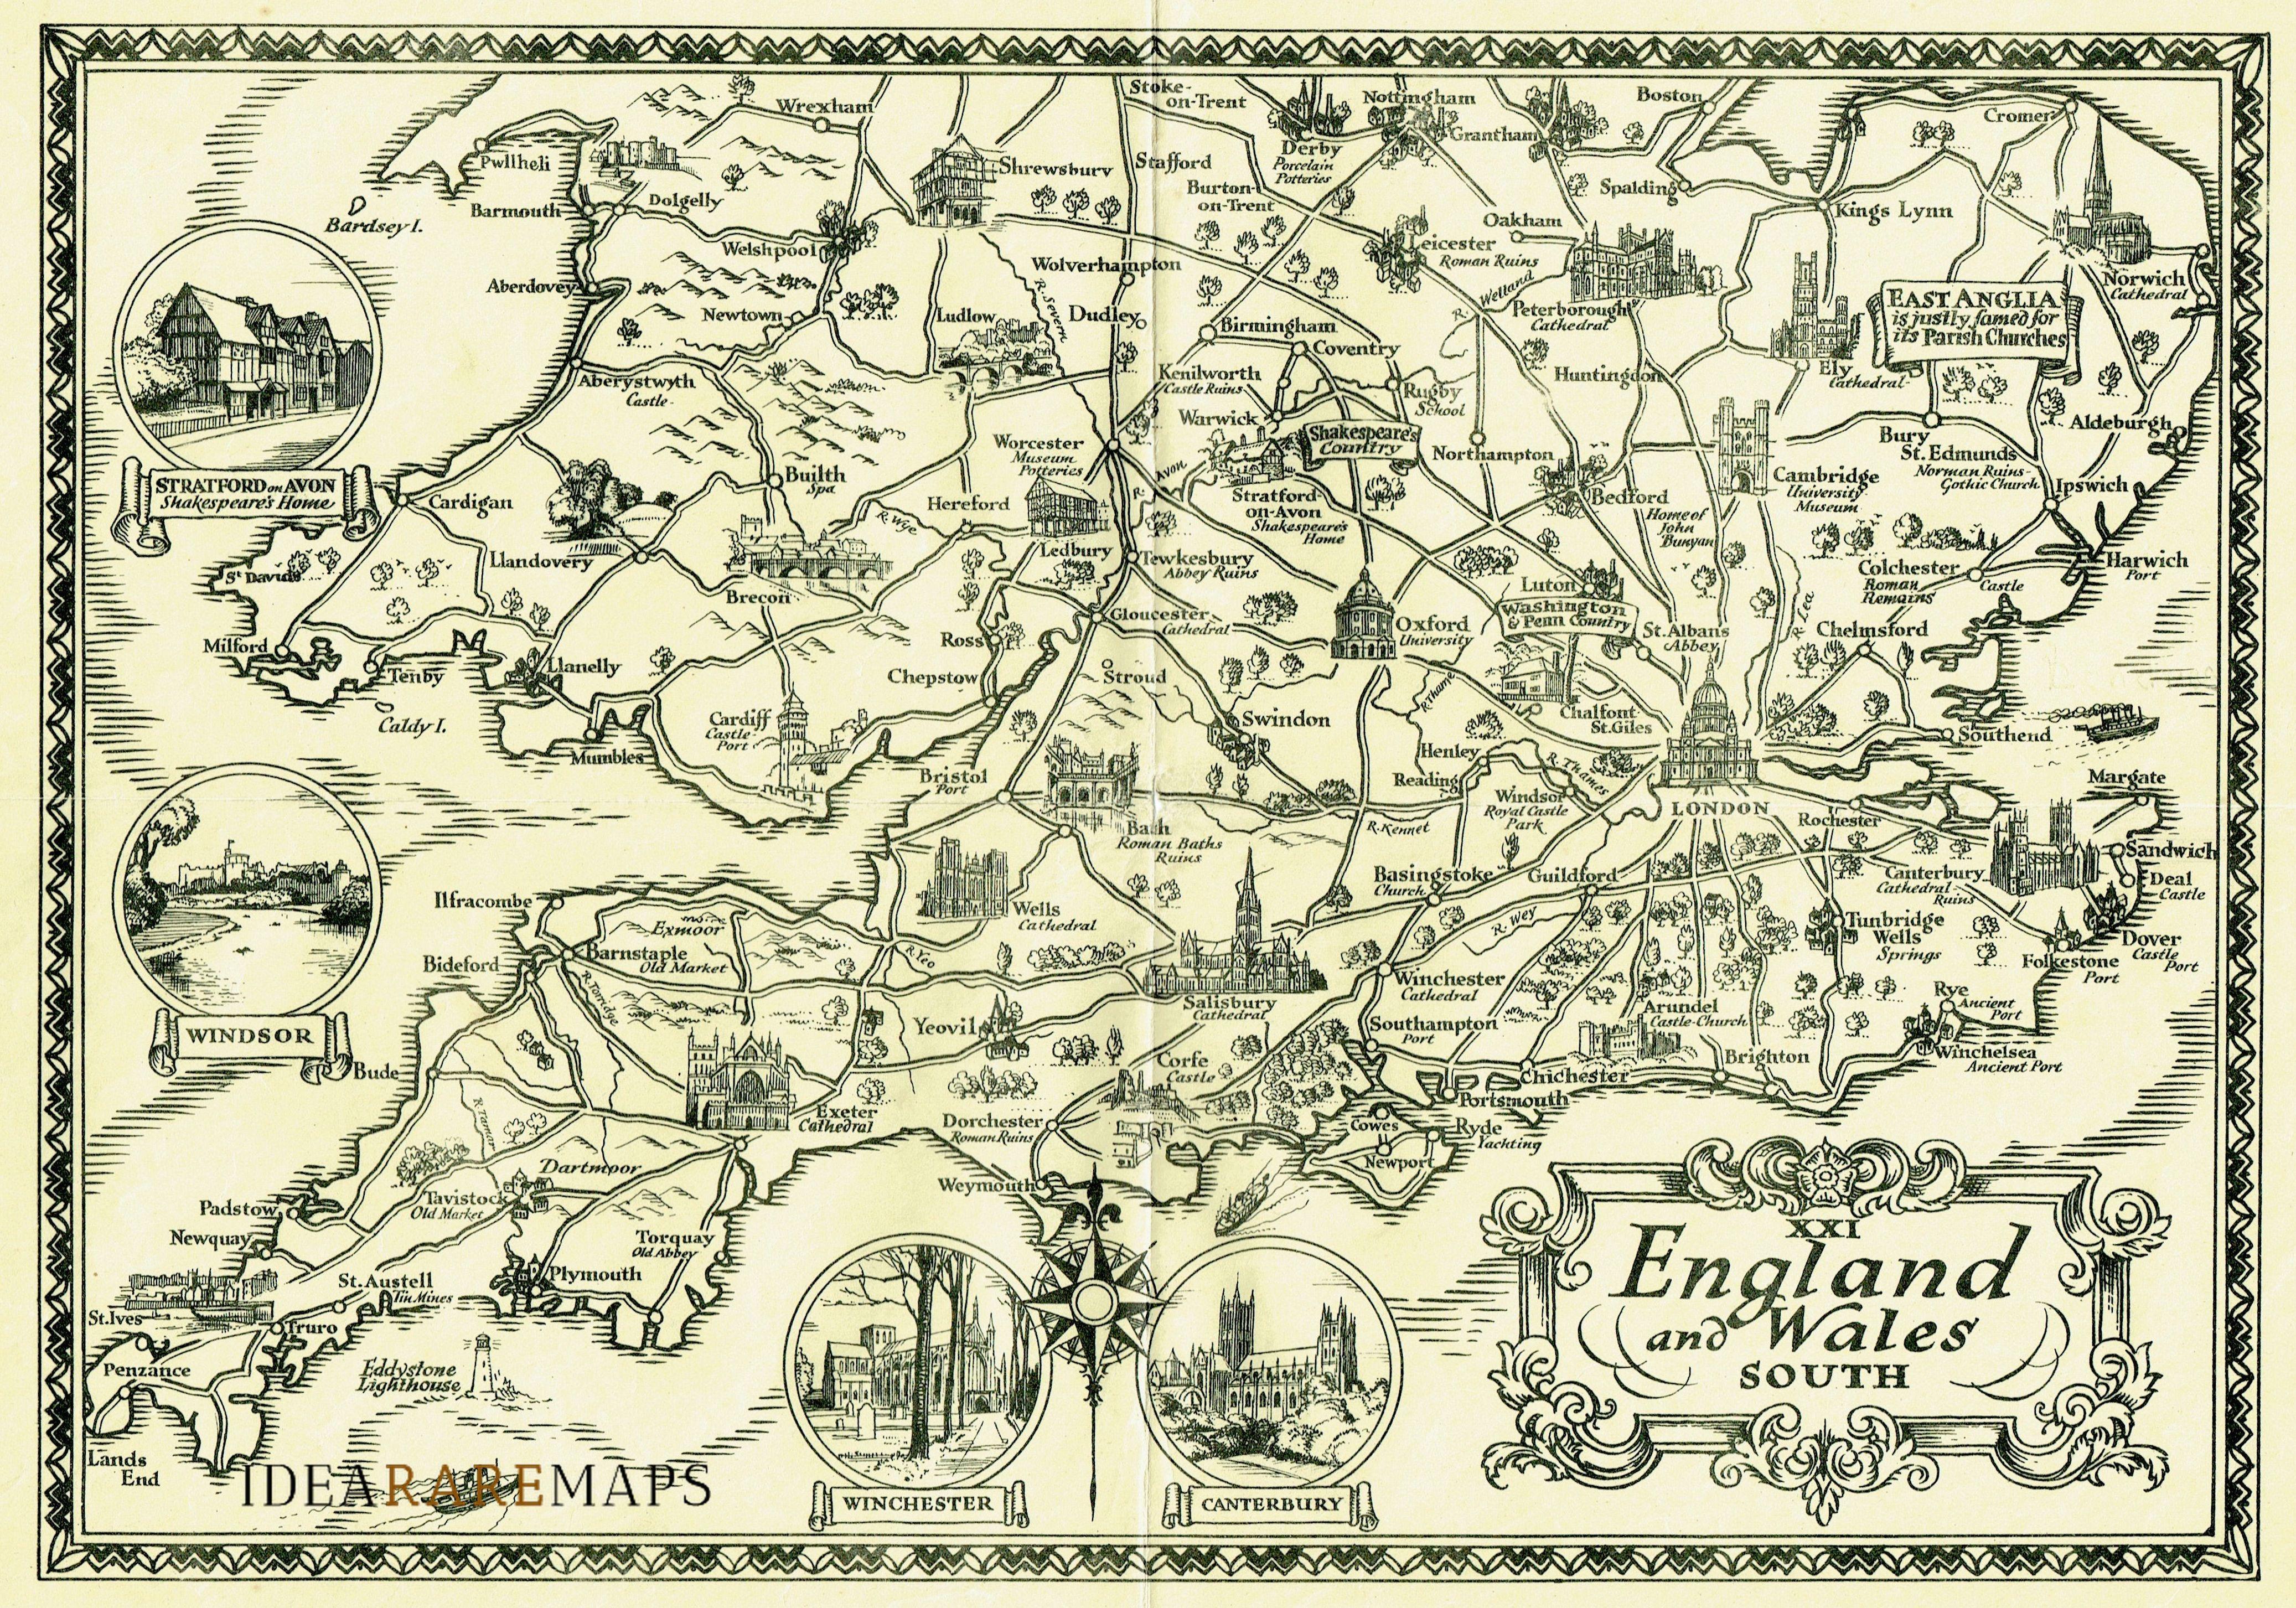 Cartina Geografica Dettagliata Scozia.England And Wales South Idea Rare Maps